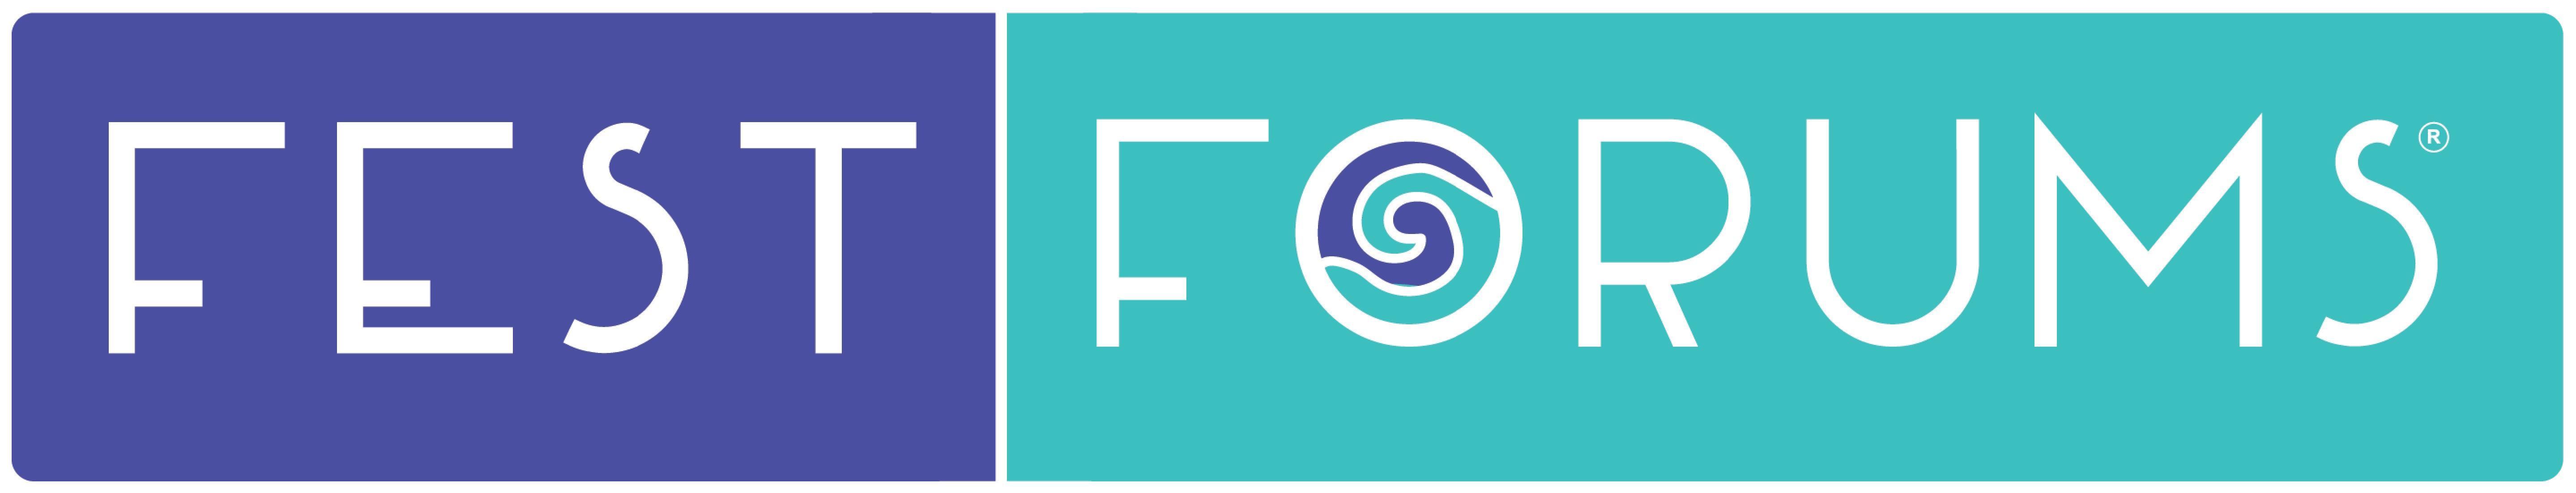 Fest forums logo